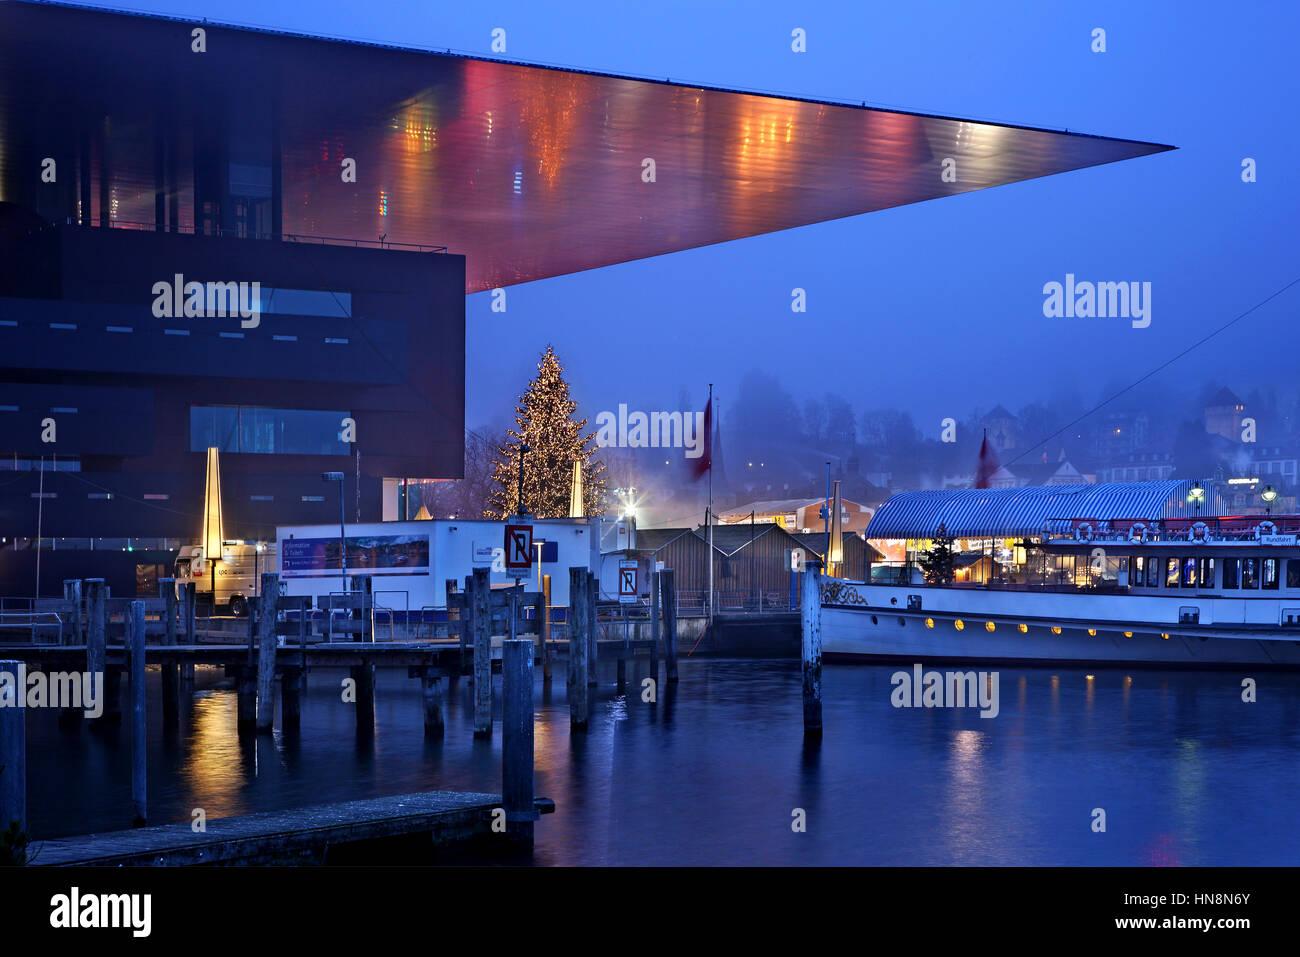 Das KKL (Kultur-Und Kongresszentrum Luzern - Architekt: Jean Nouvel), Luzern, Schweiz. Stockbild